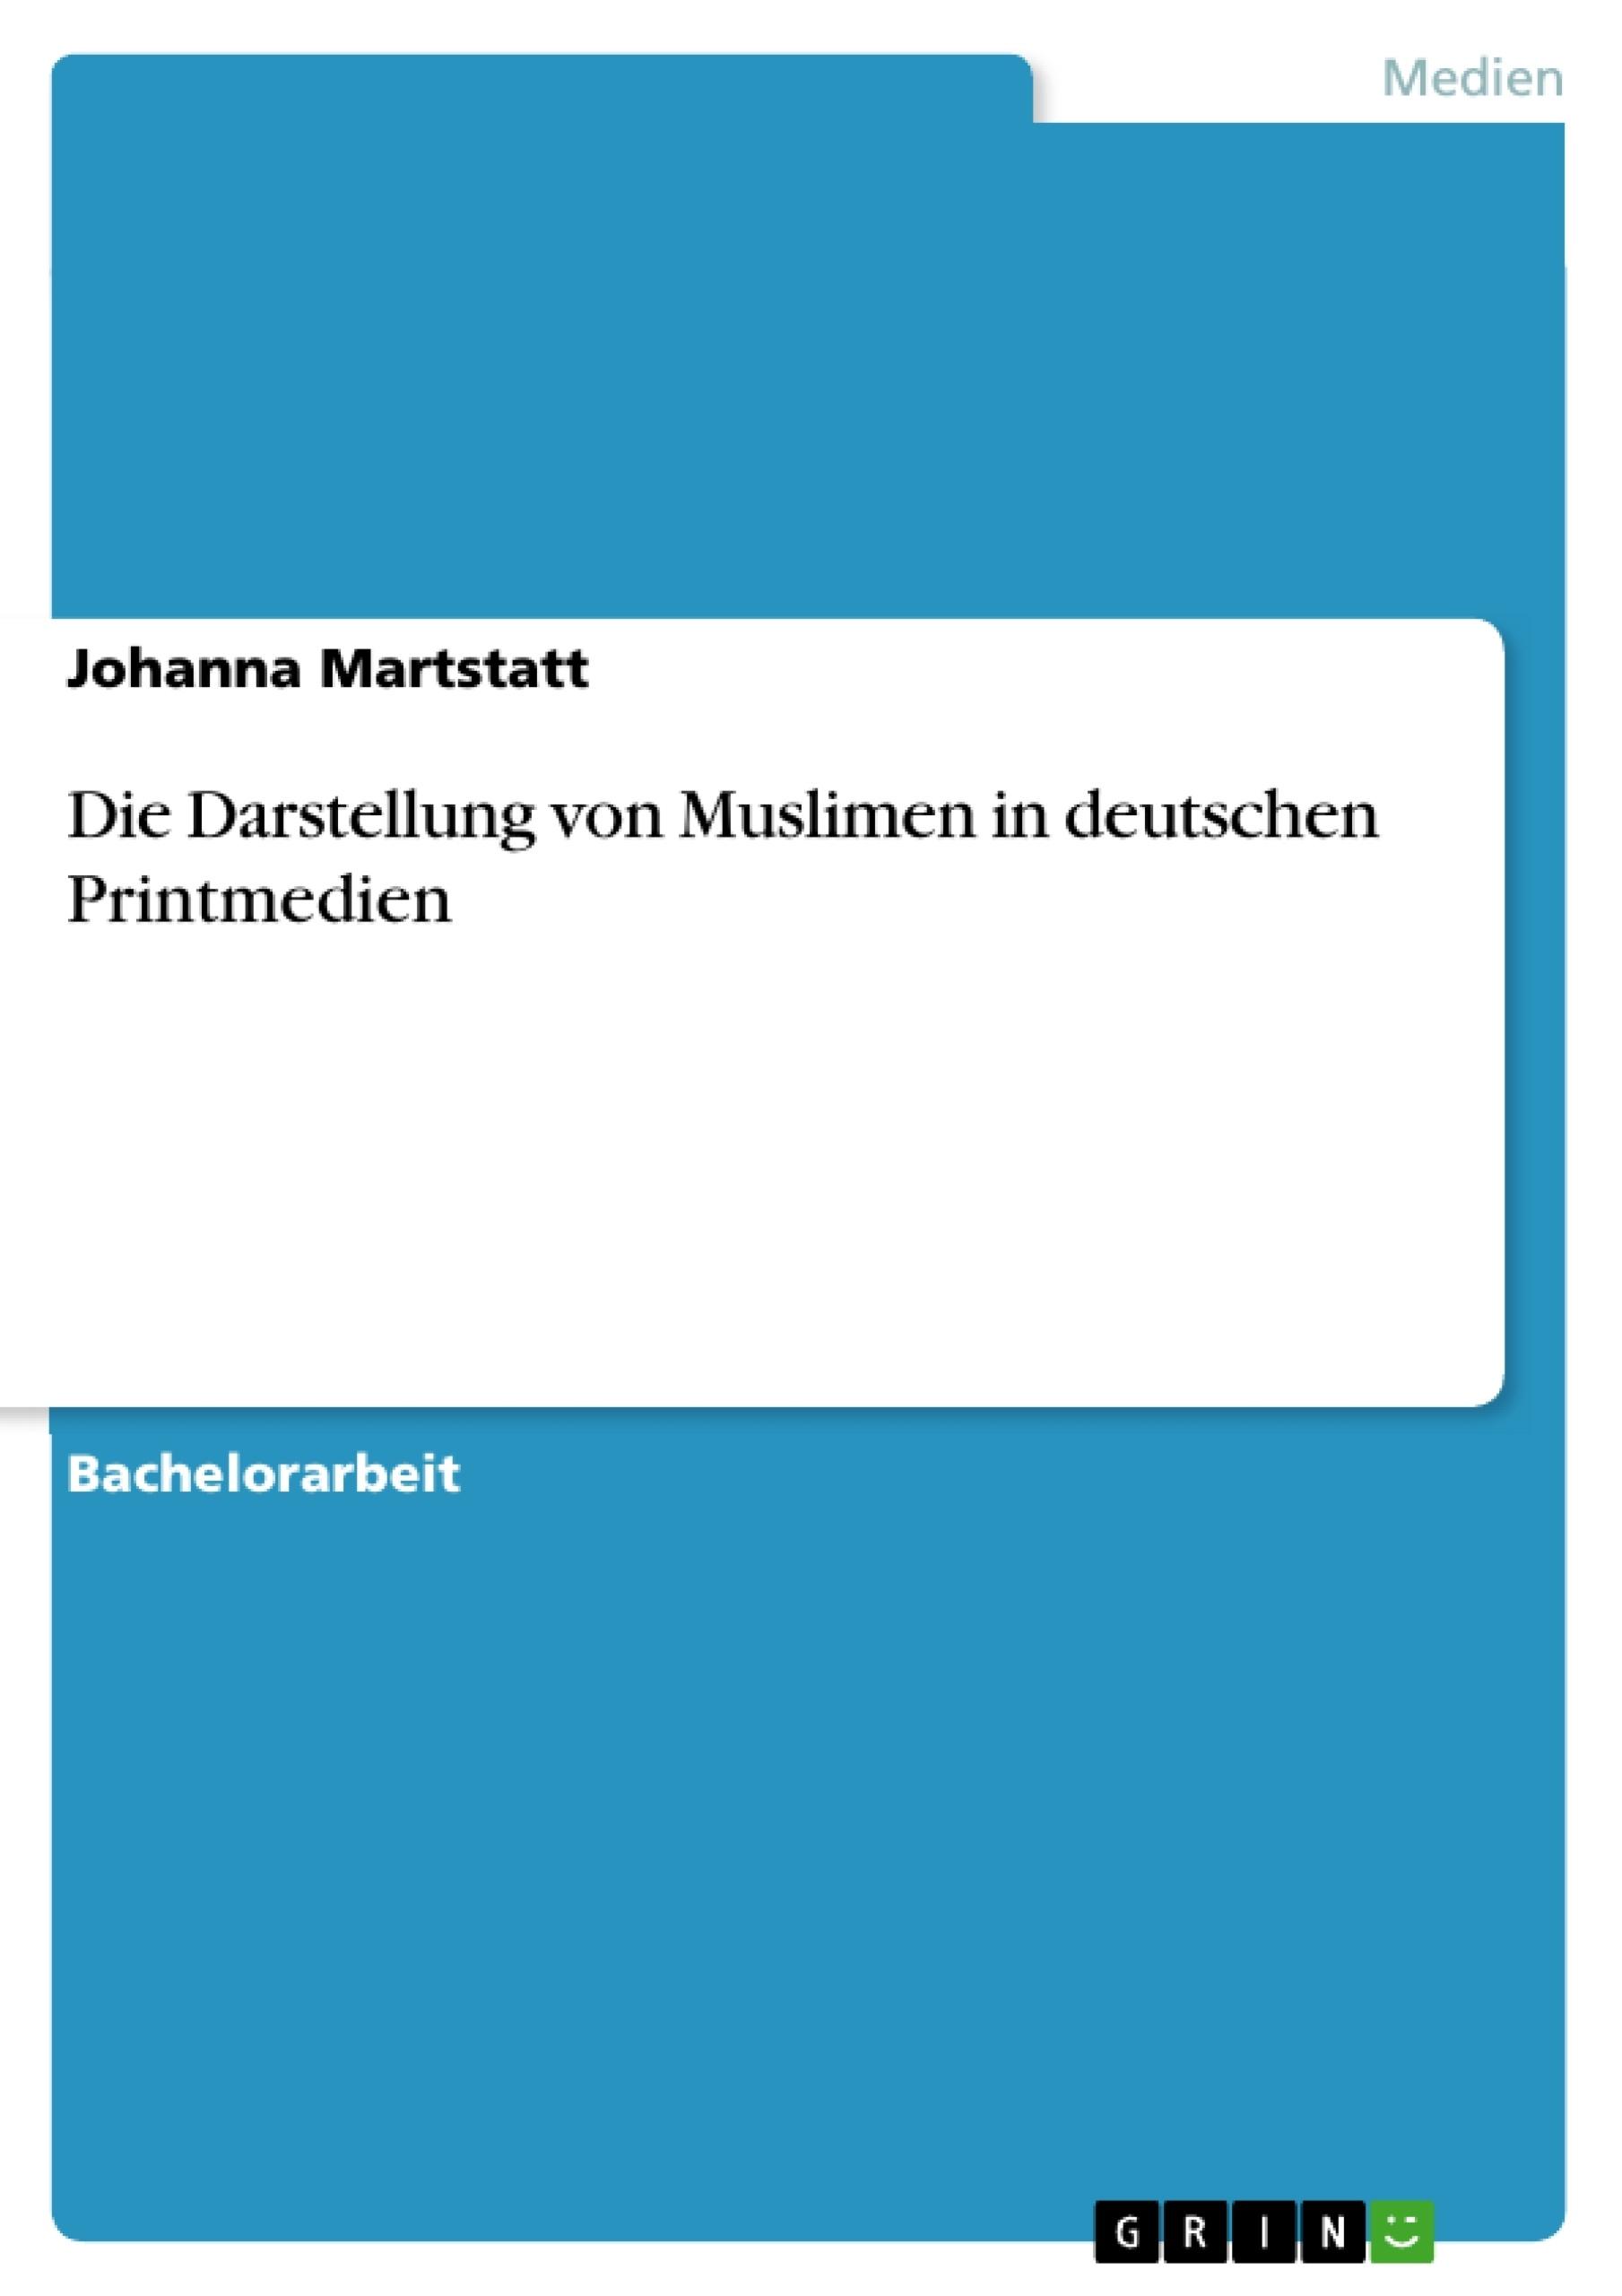 Titel: Die Darstellung von Muslimen in deutschen Printmedien